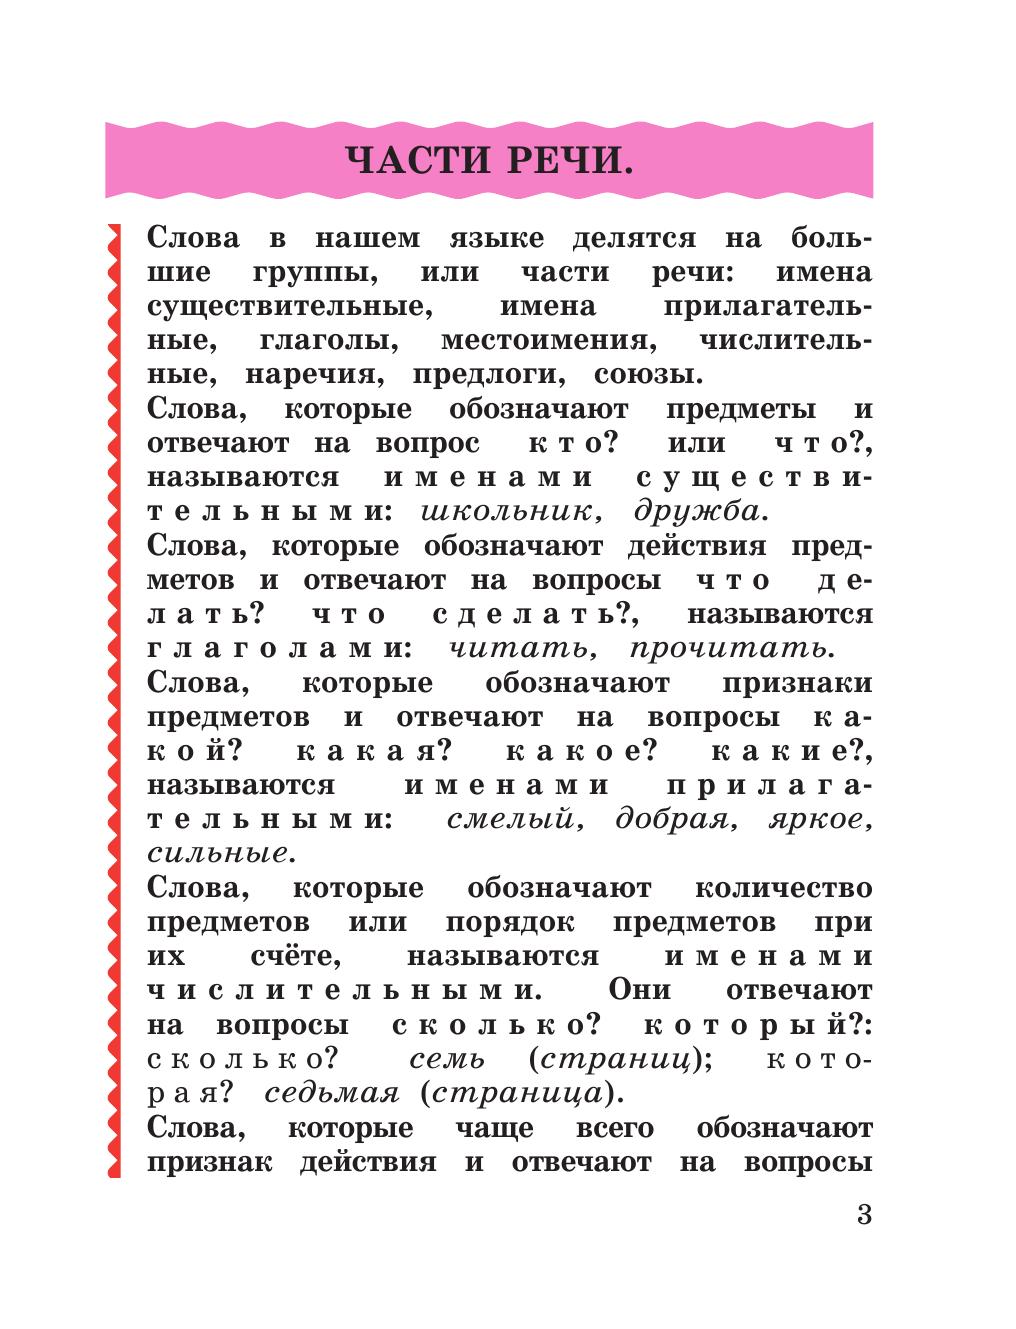 Ответы на задания рамзаева тамара григорьевна русский язык учебник 4 класс в 2-х частях часть